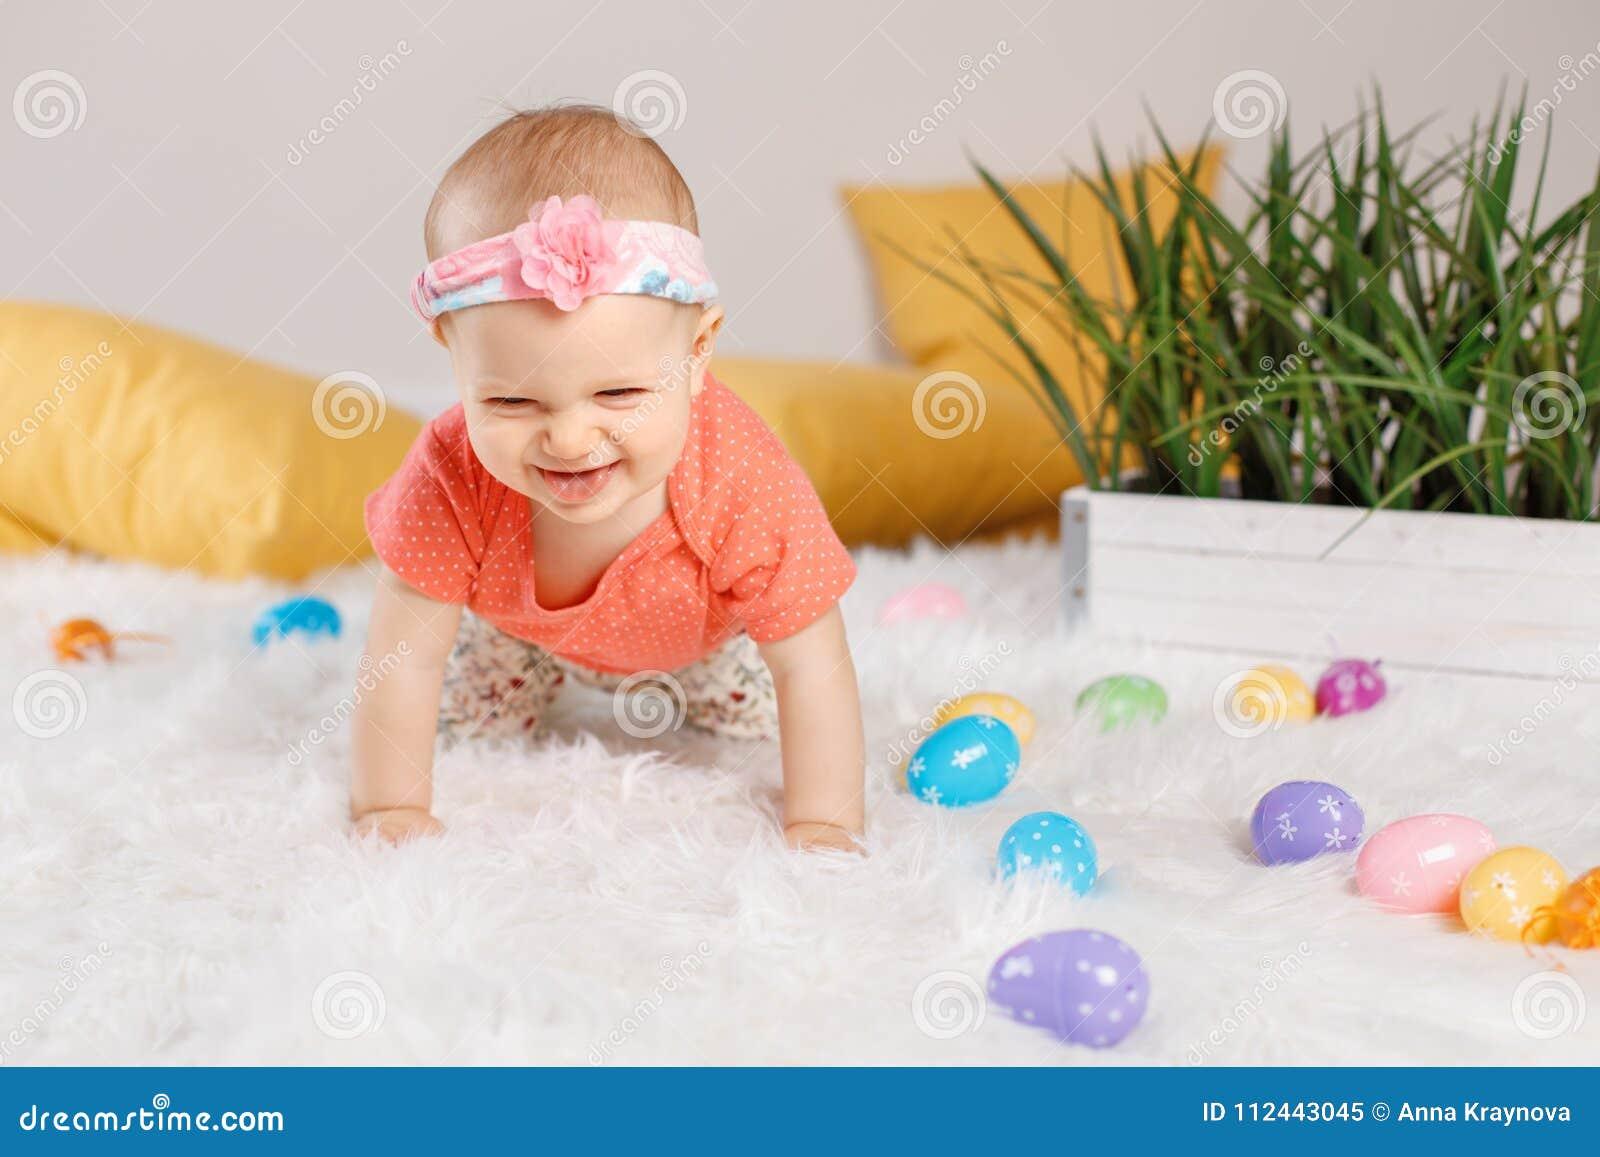 Baby Das Ostern Feiertag Feiert Stockbild Bild Von Schön Spaß